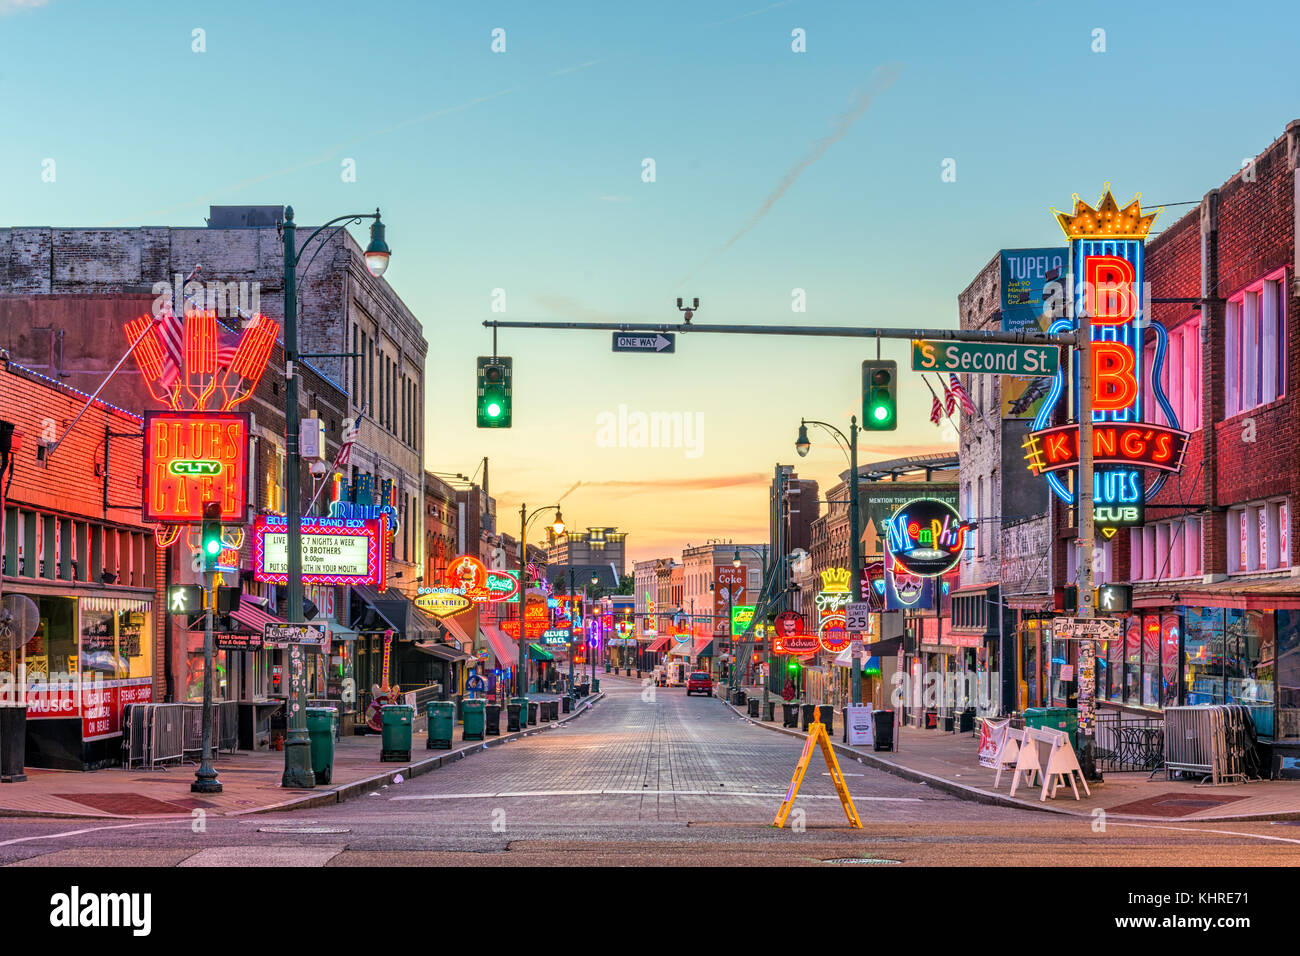 Memphis, Tennessee - 25 août 2017: blues clubs sur les lieux historiques de Beale street, au crépuscule. Photo Stock